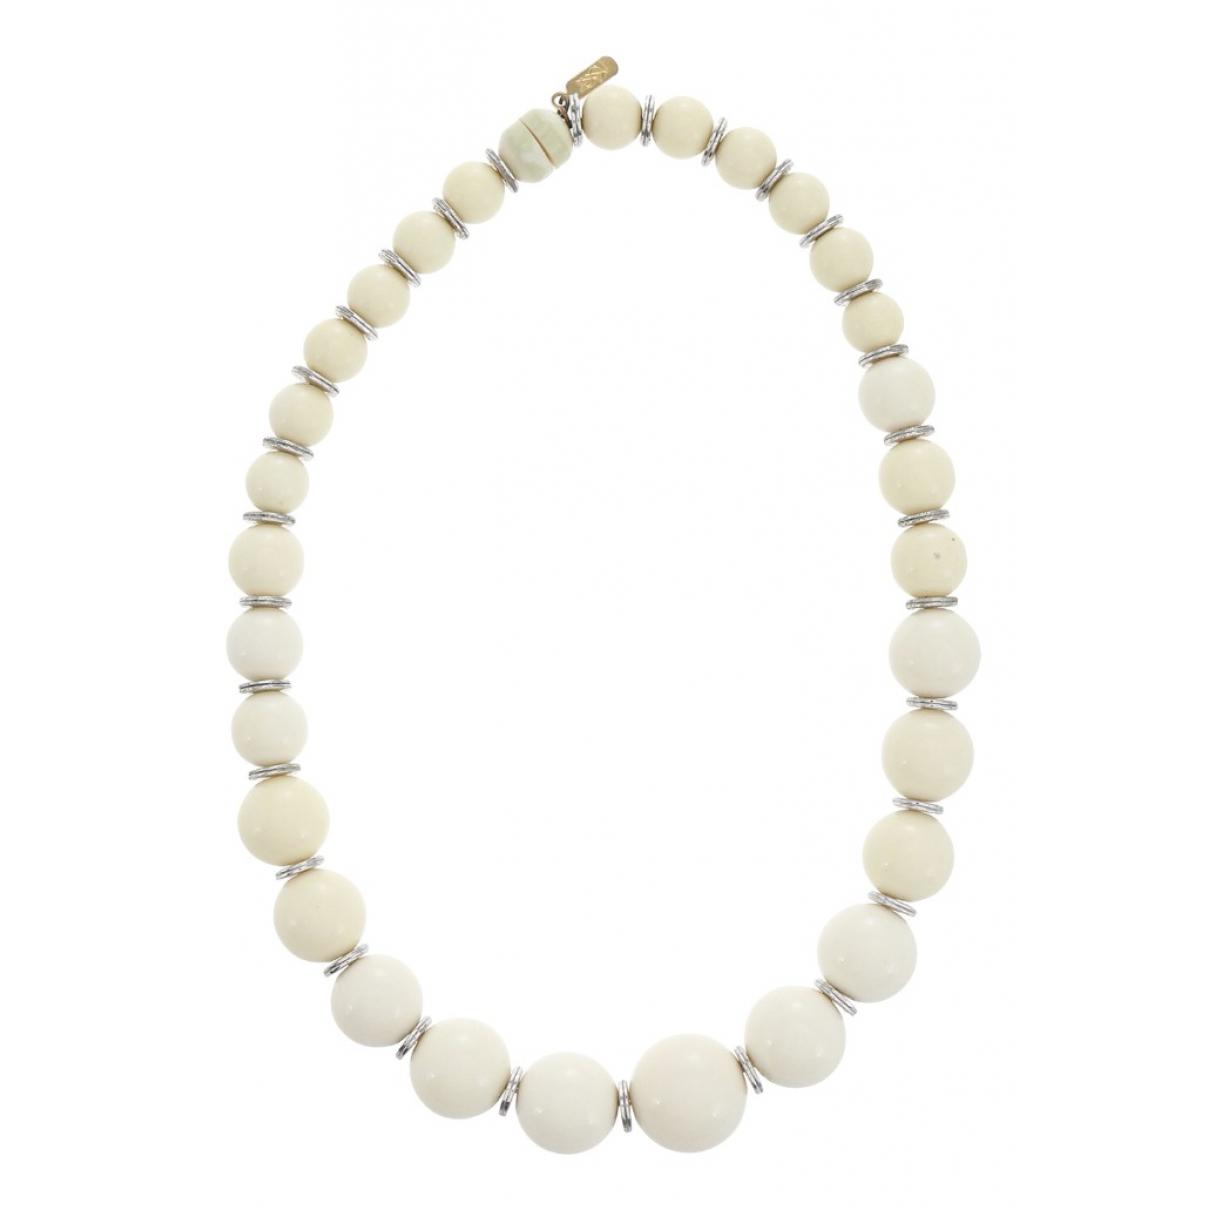 Yves Saint Laurent \N White necklace for Women \N